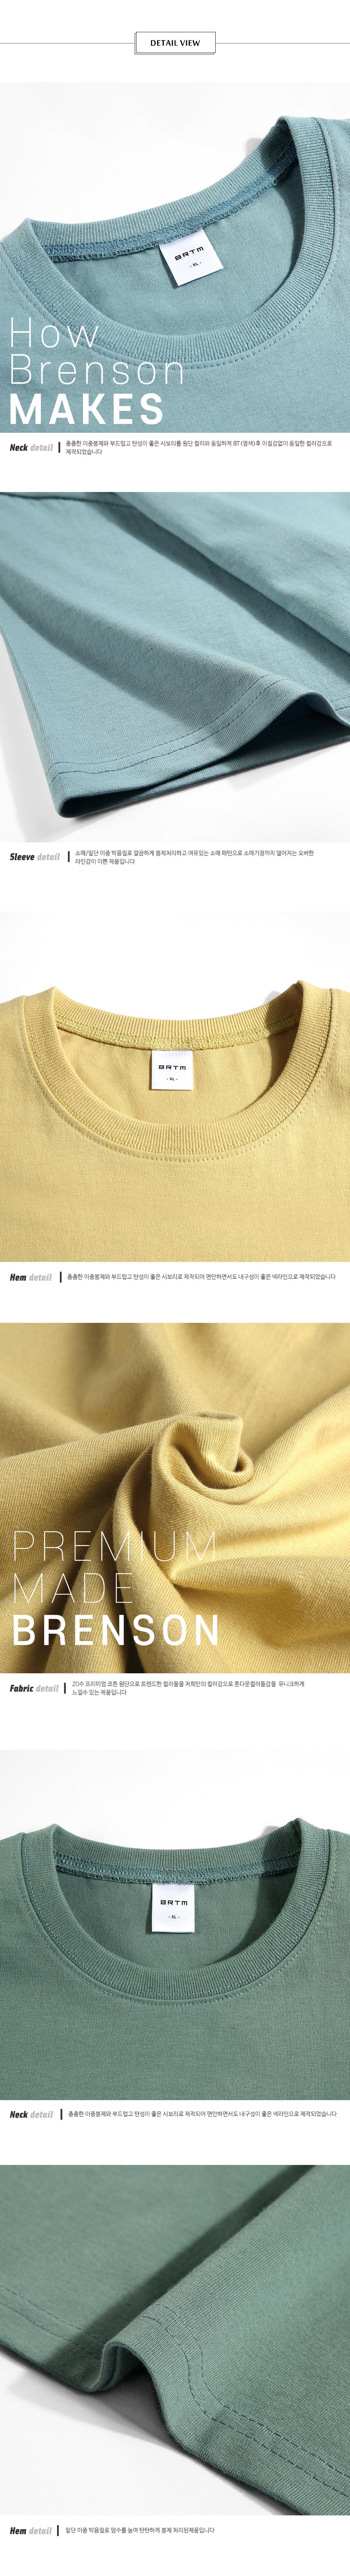 브렌슨 (1+1) 프리미엄코튼 Errday 루즈핏 반팔 티셔츠 10컬러